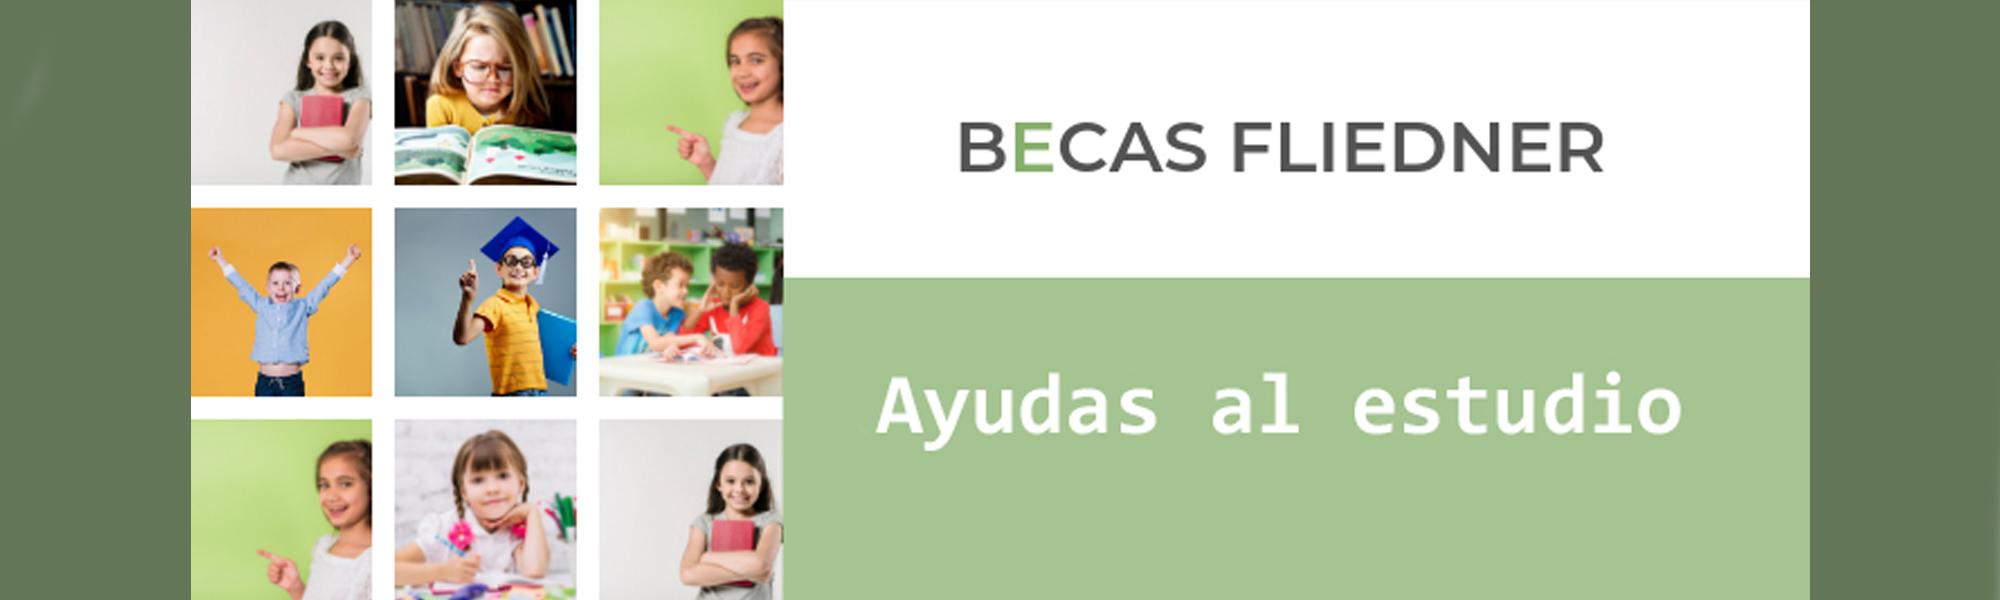 Becas Fliedner: ayuda al estudio